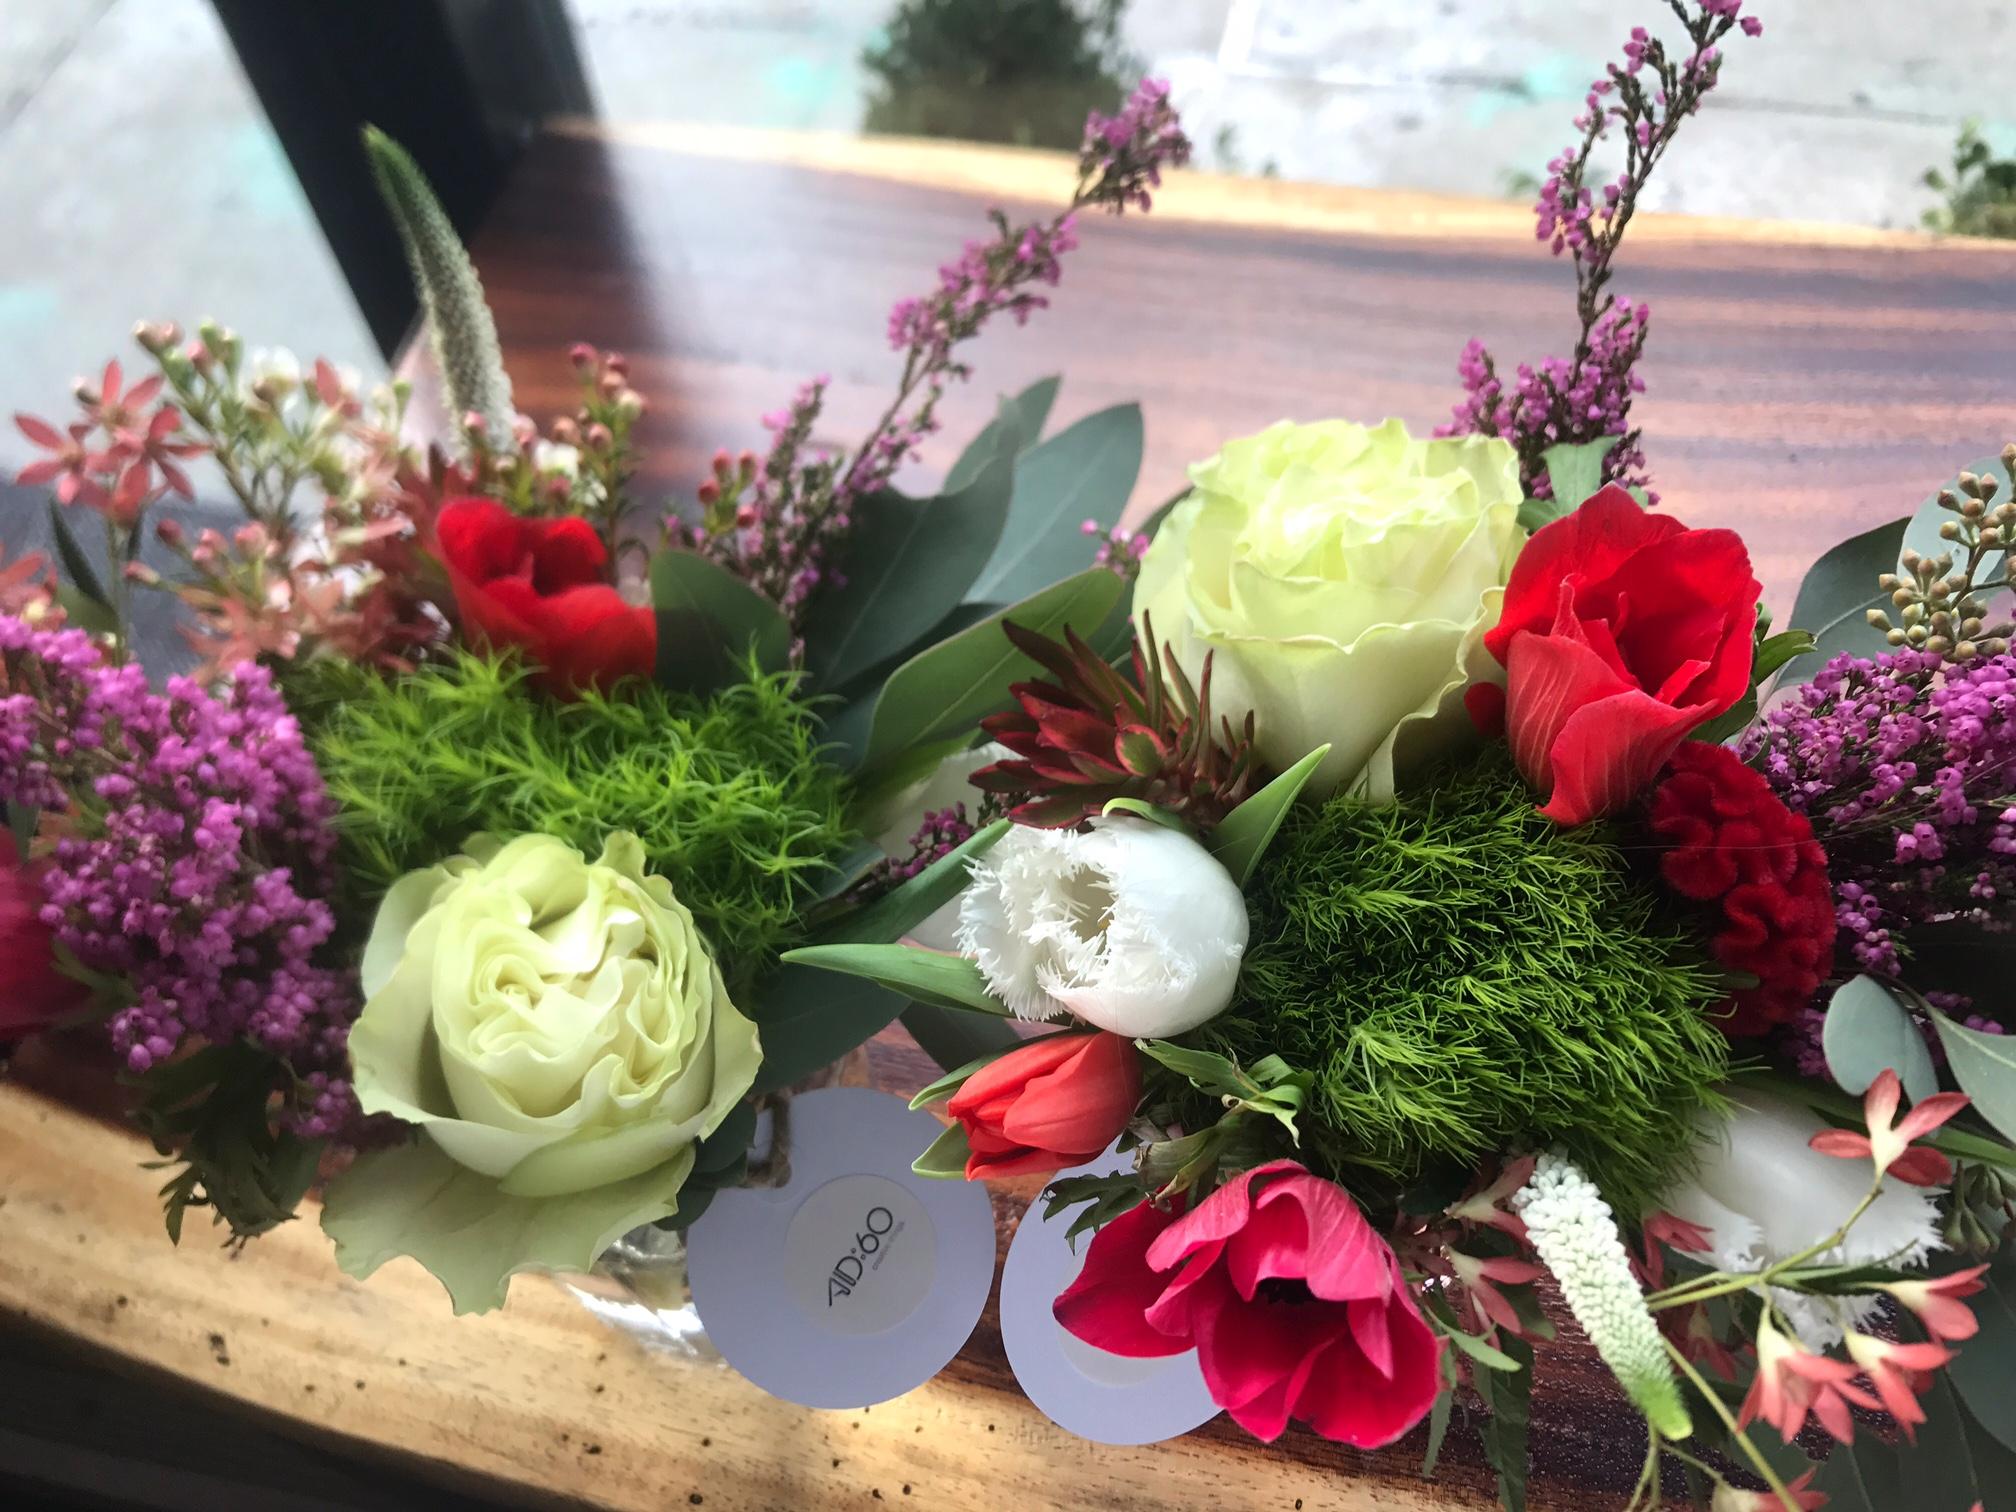 Private Client Florals